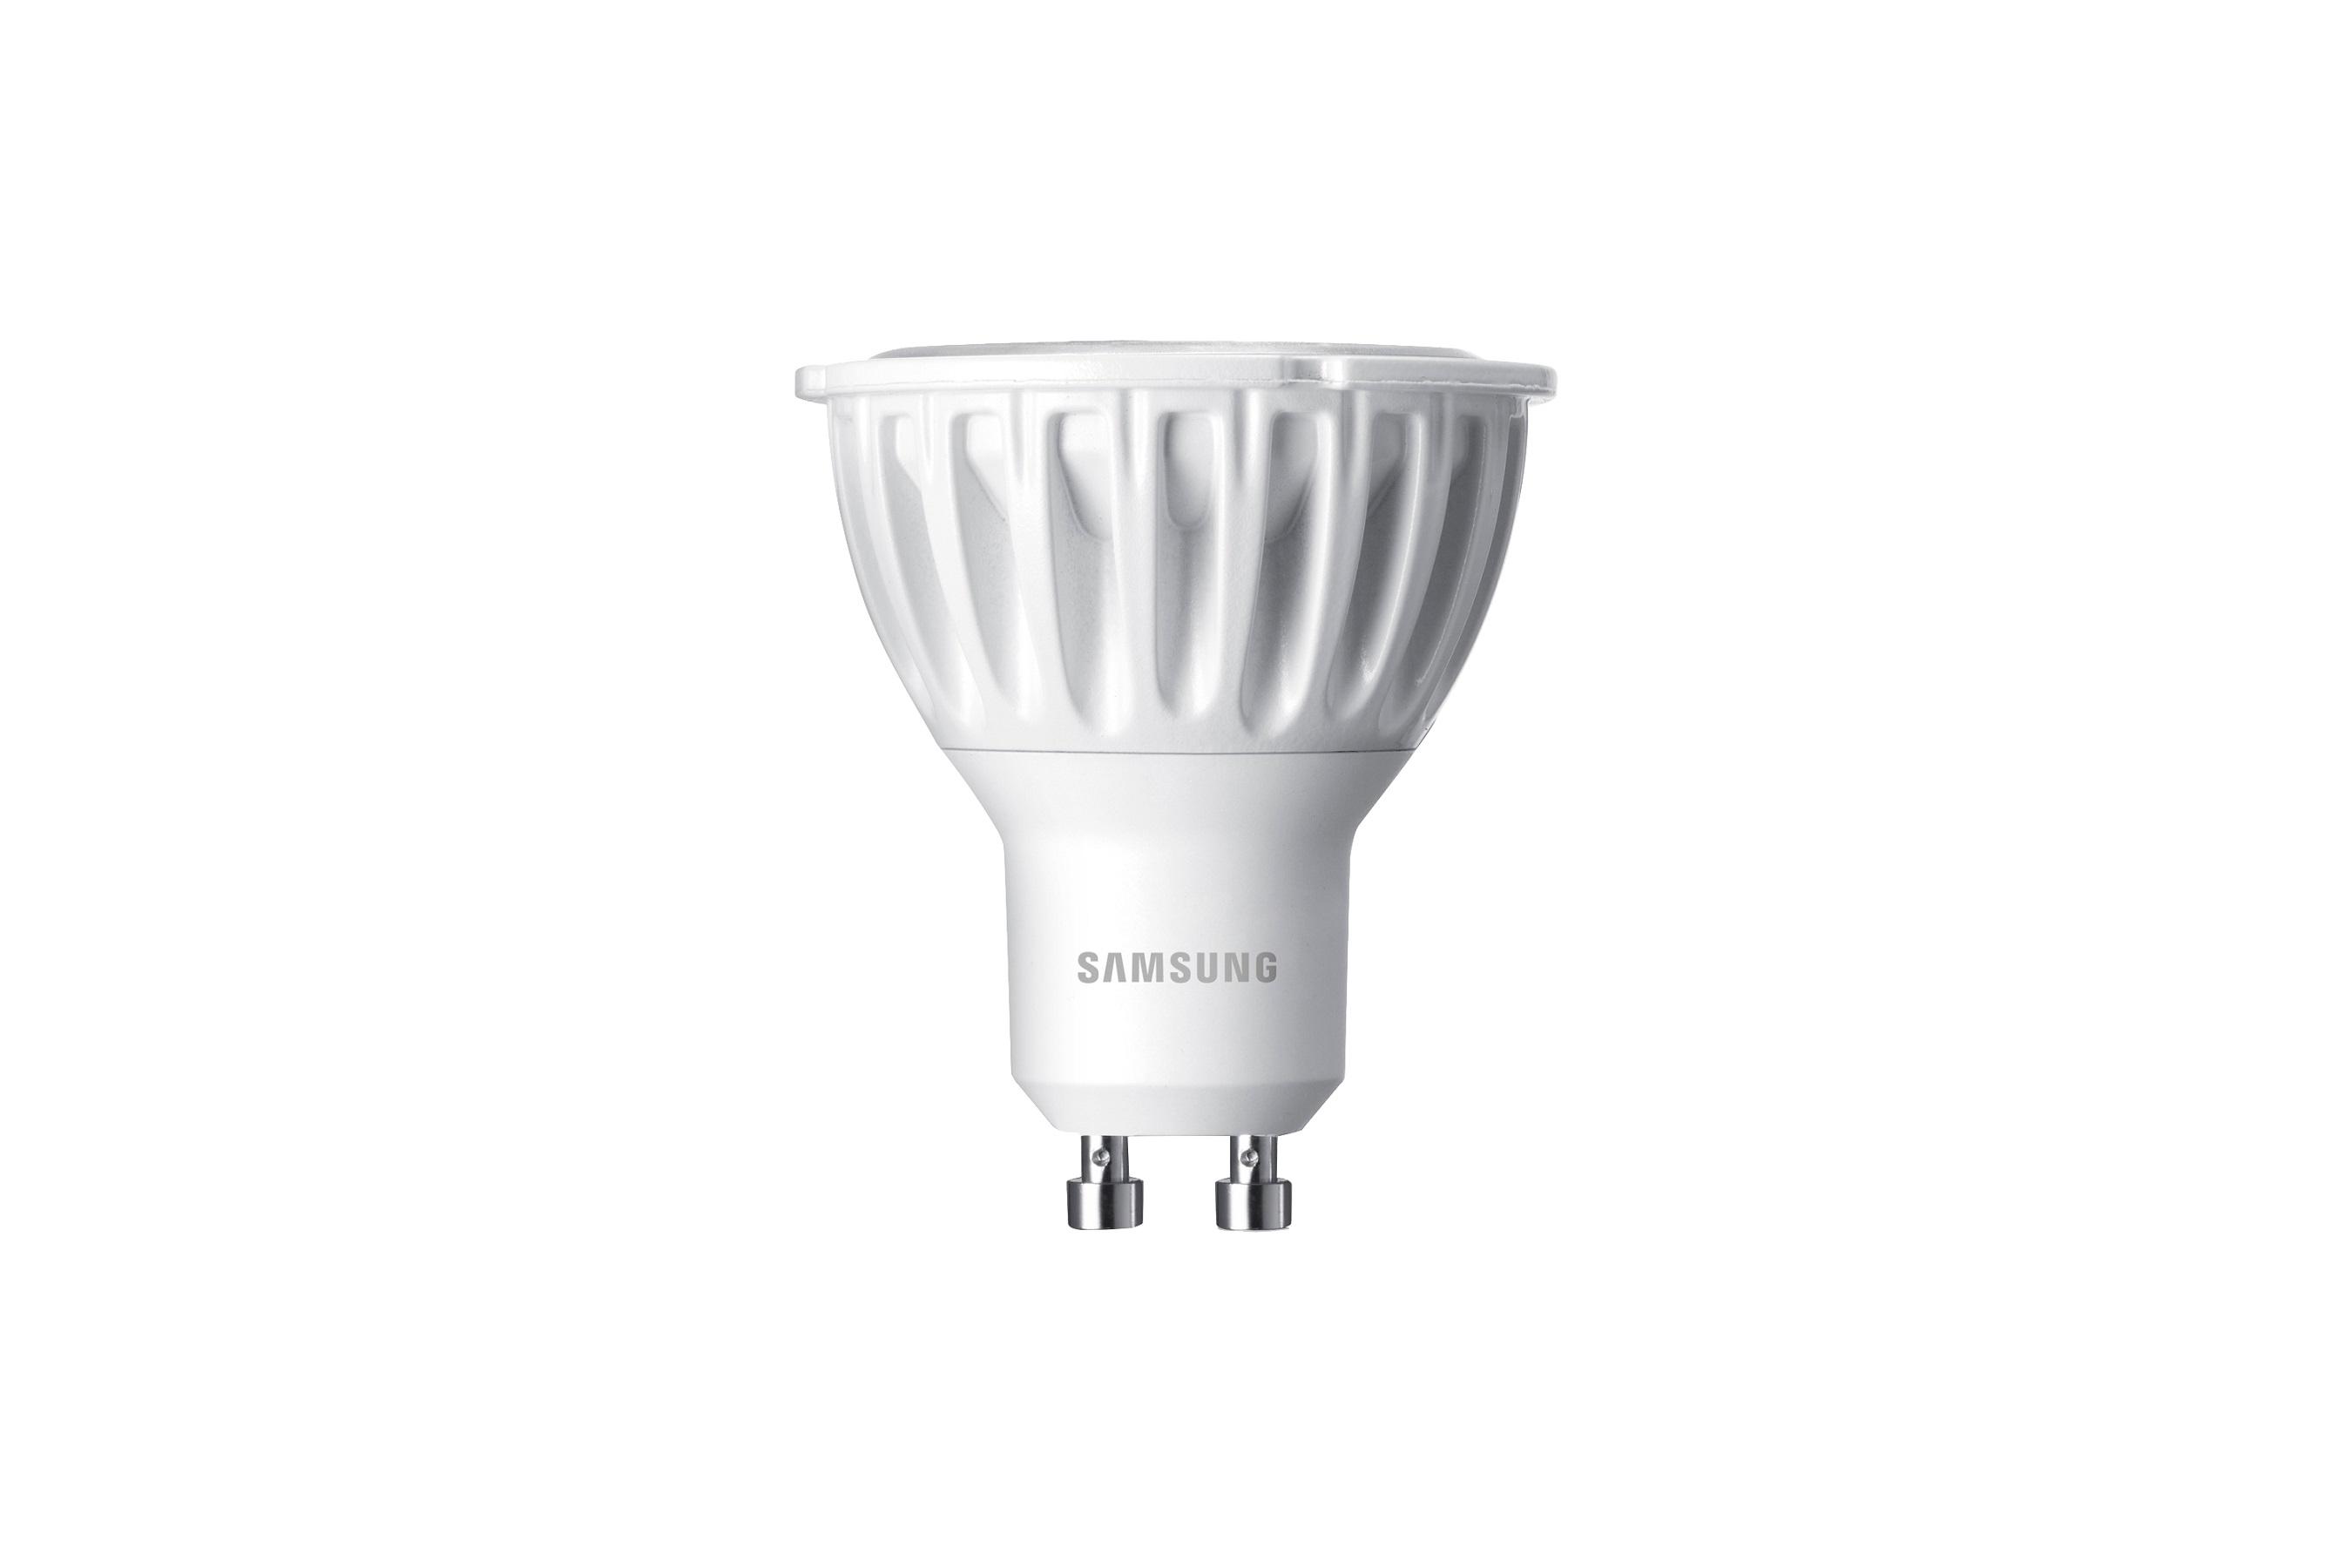 Samsung LED GU10 3,3W 230V 220lm 25st., Teplá bílá